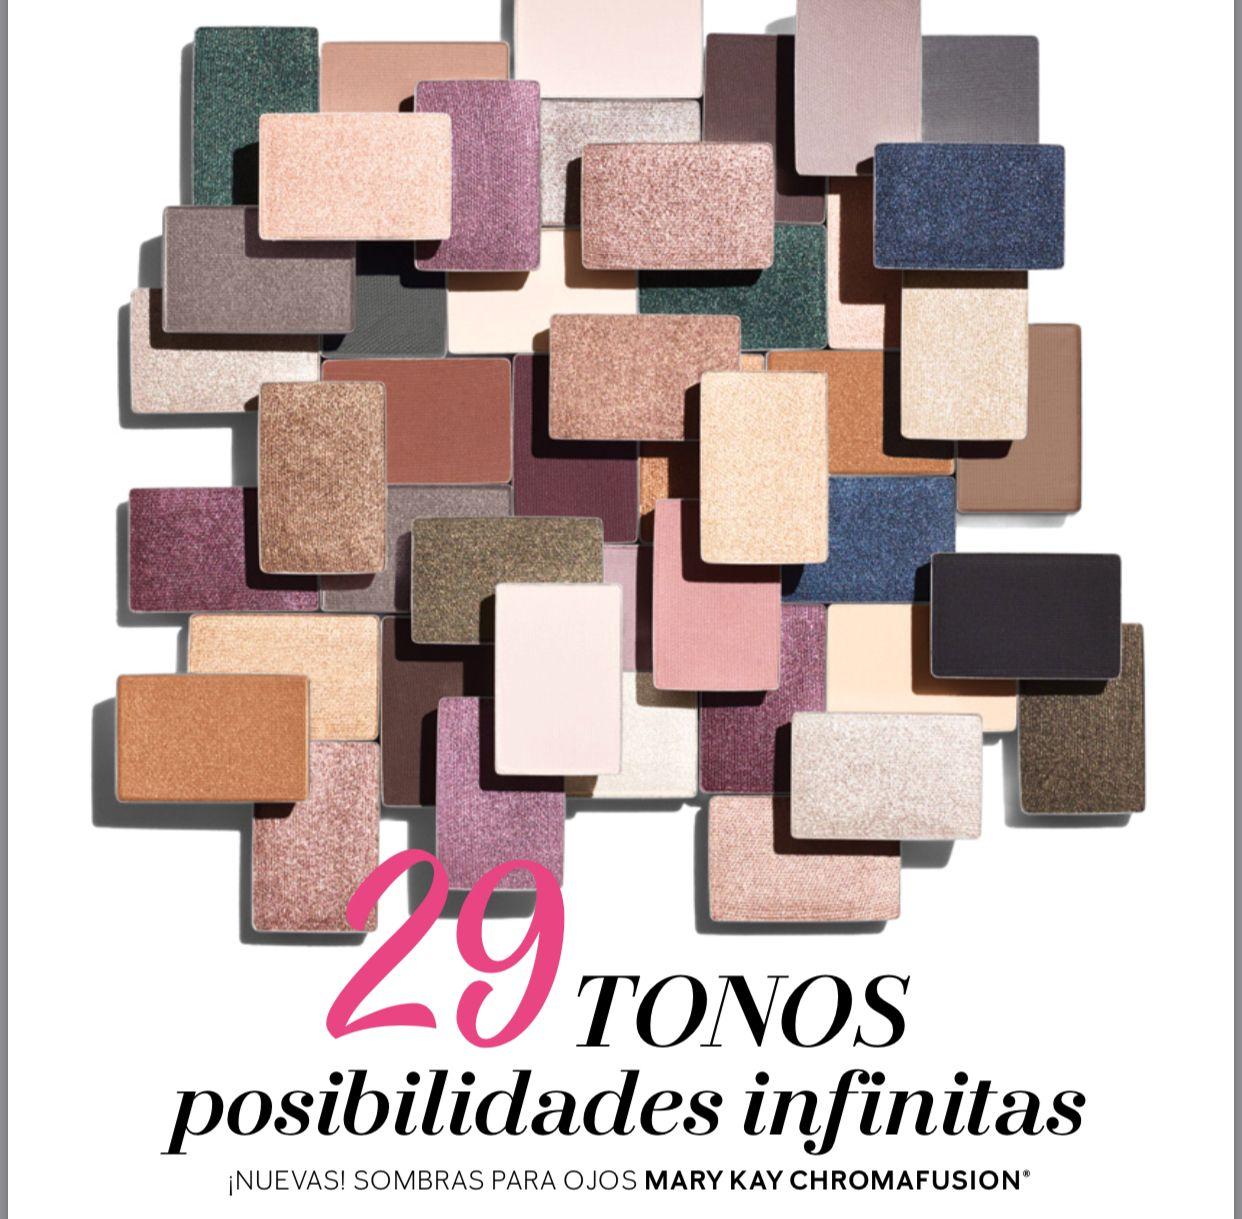 www.marykay.com.mx/adnilvibu Descubre los fantásticos 29 nuevos ...